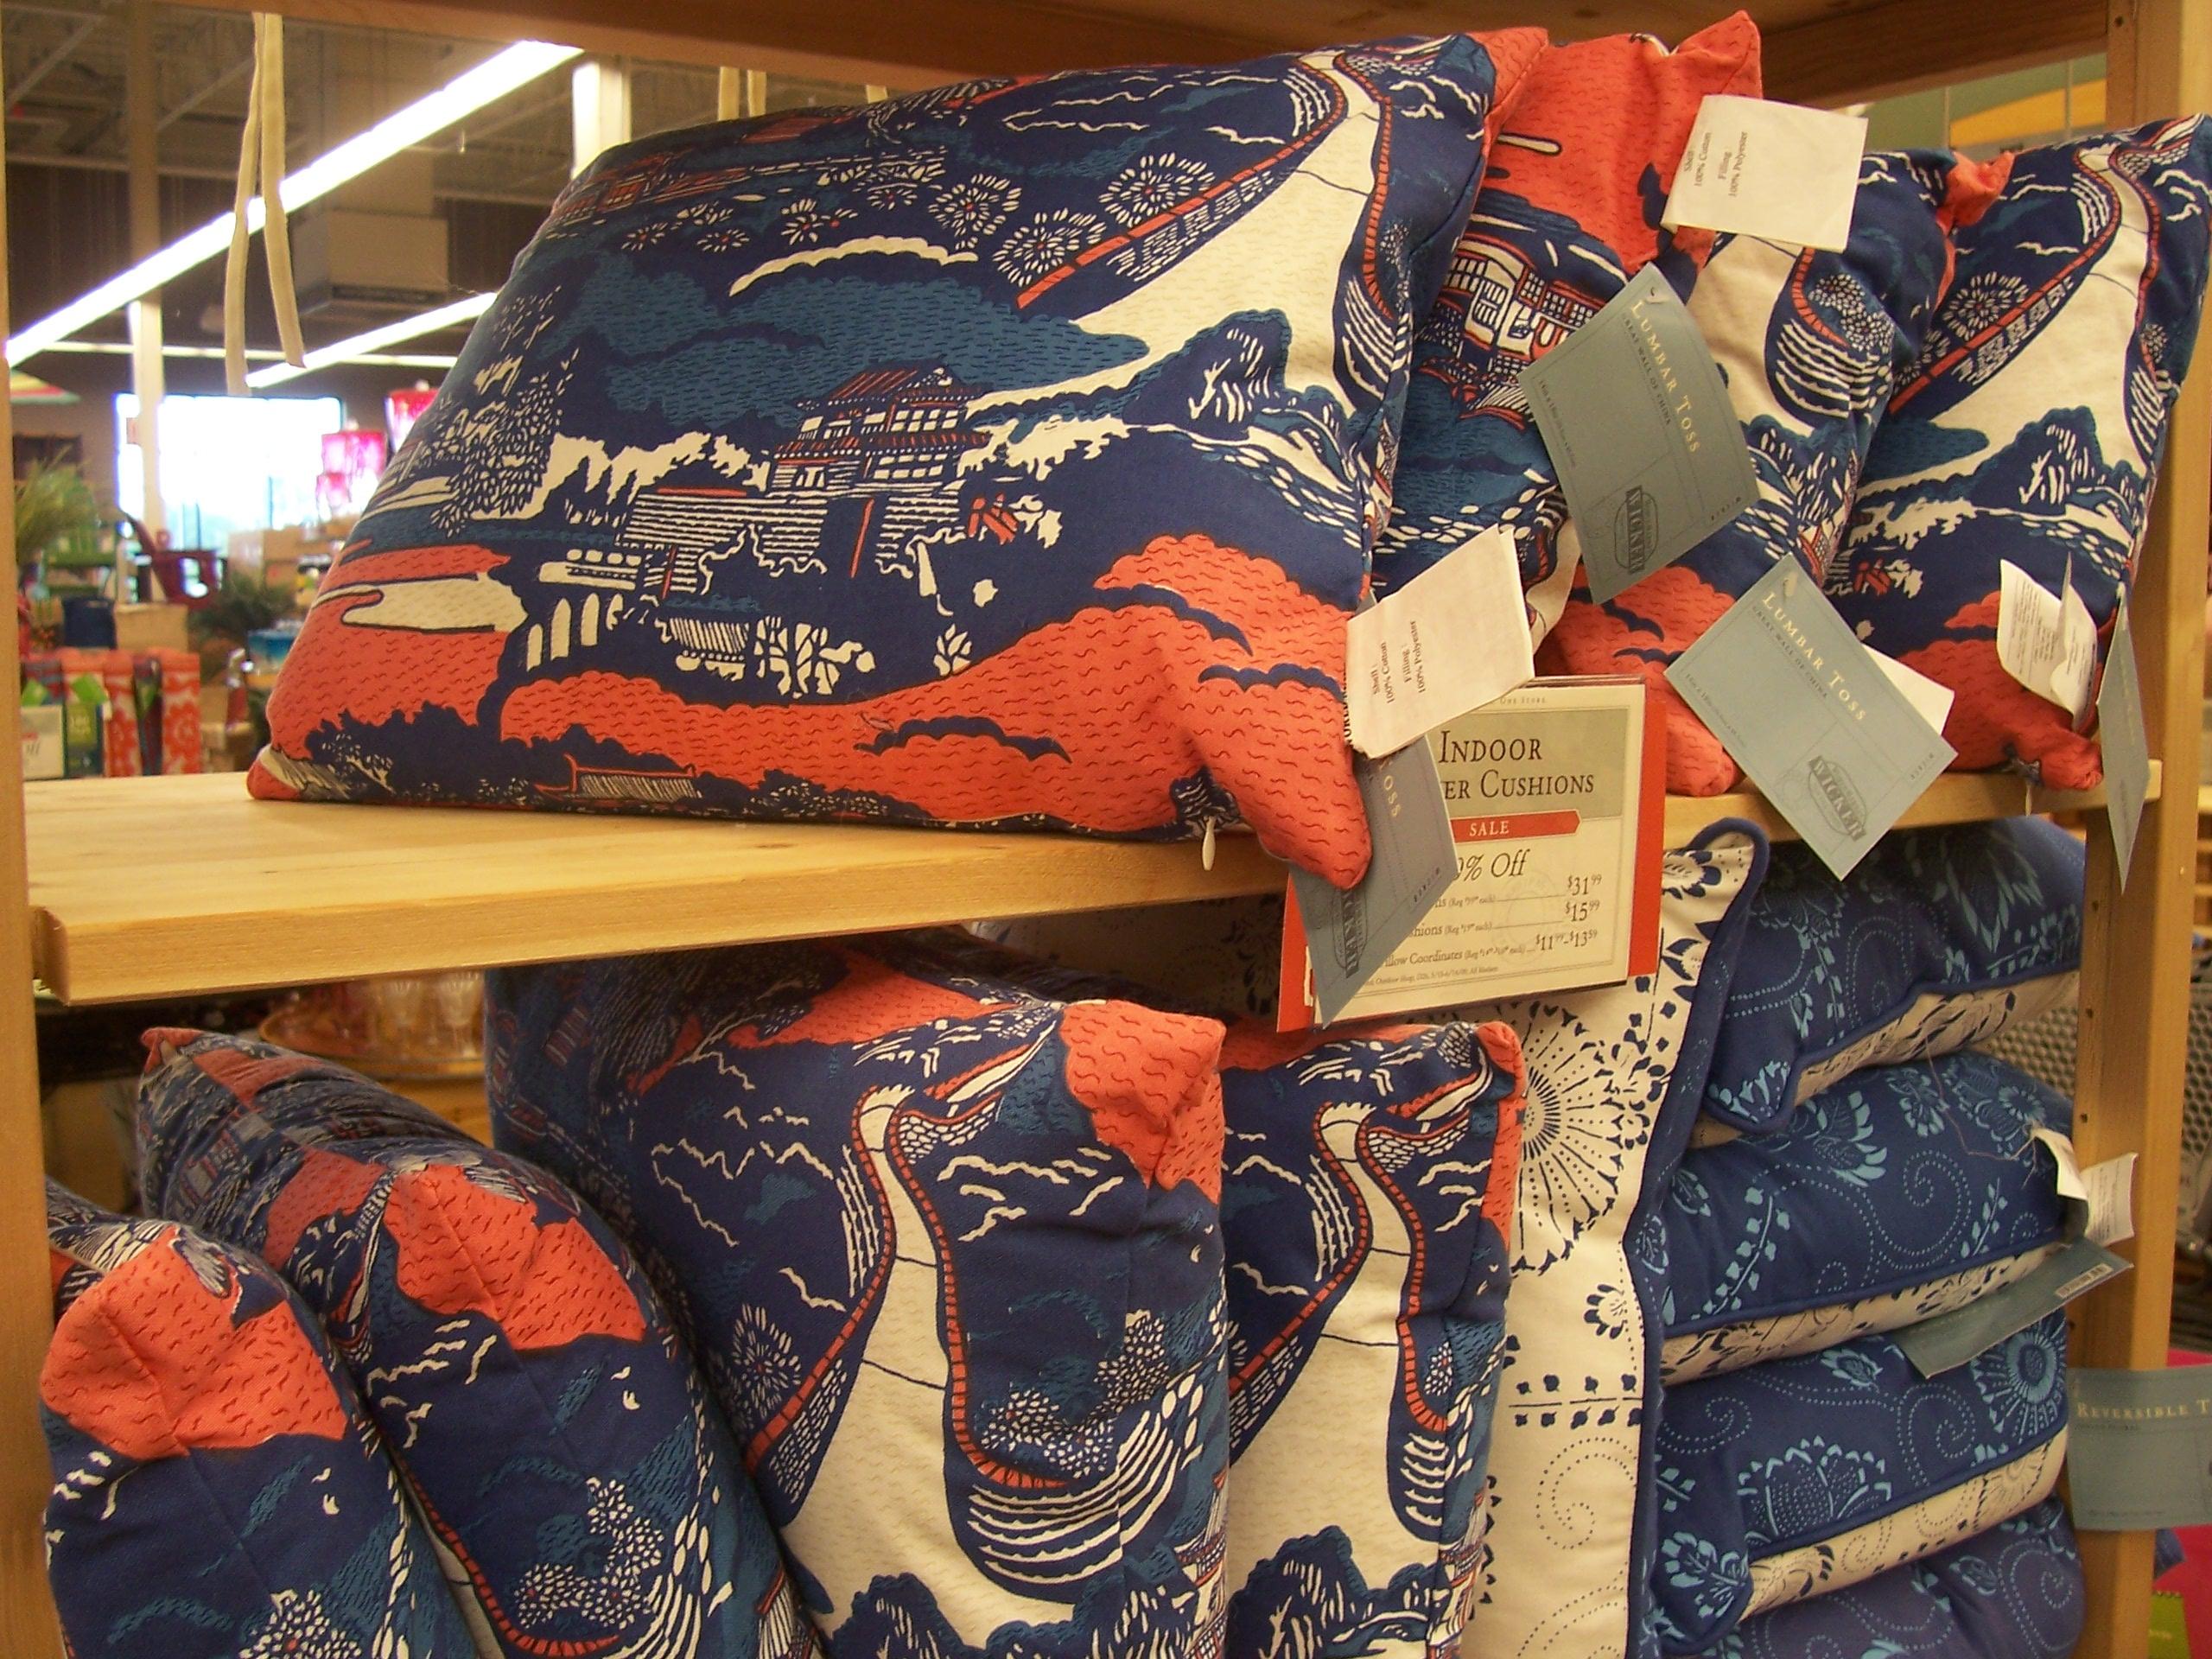 World Market pillows